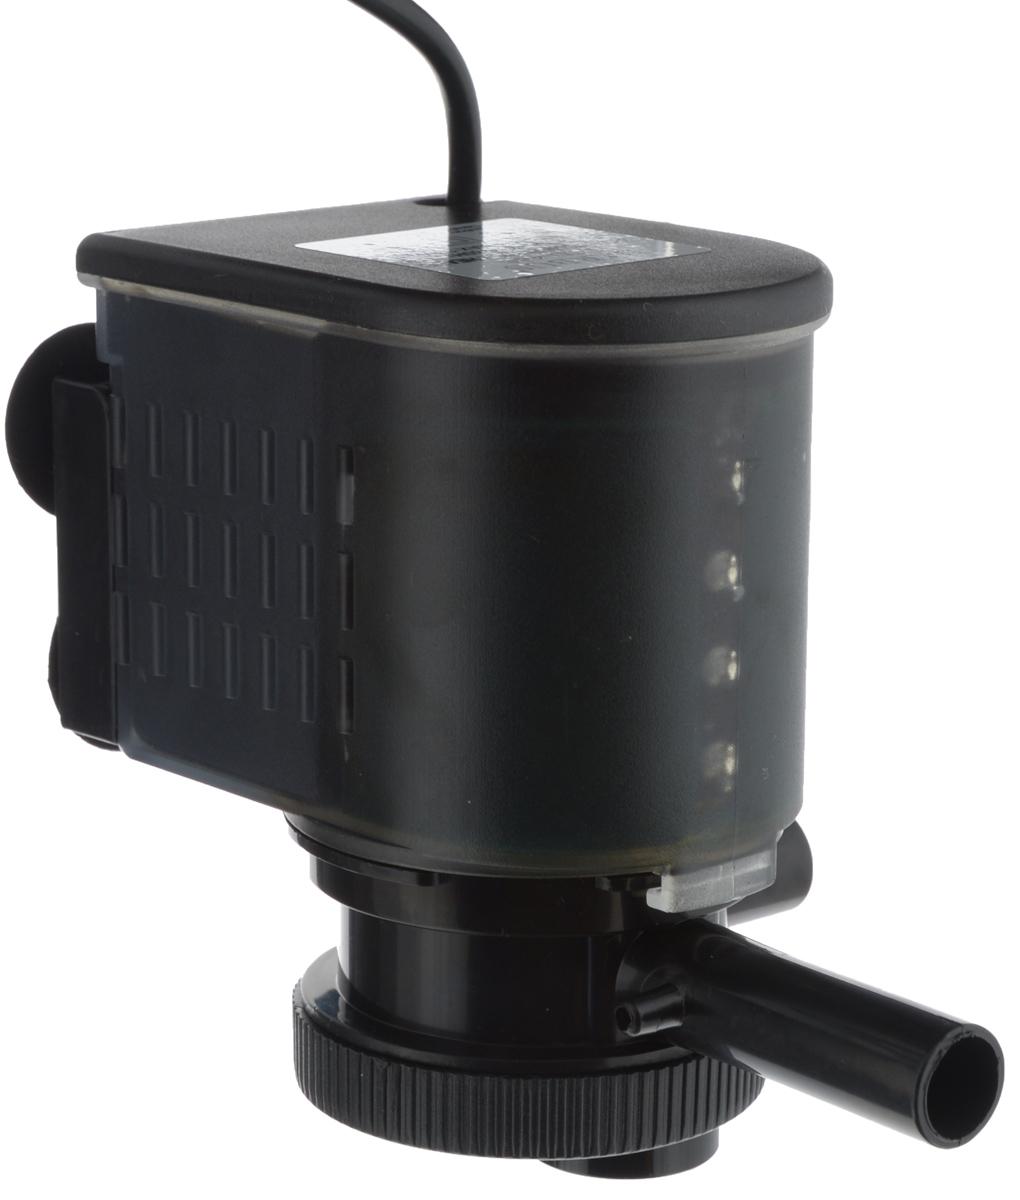 Помпа для аквариума Barbus LED-488, водяная, с индикаторами LED, 3000 л/ч, 45 Вт помпа водяная barbus фонтанная 300 л ч 5 вт